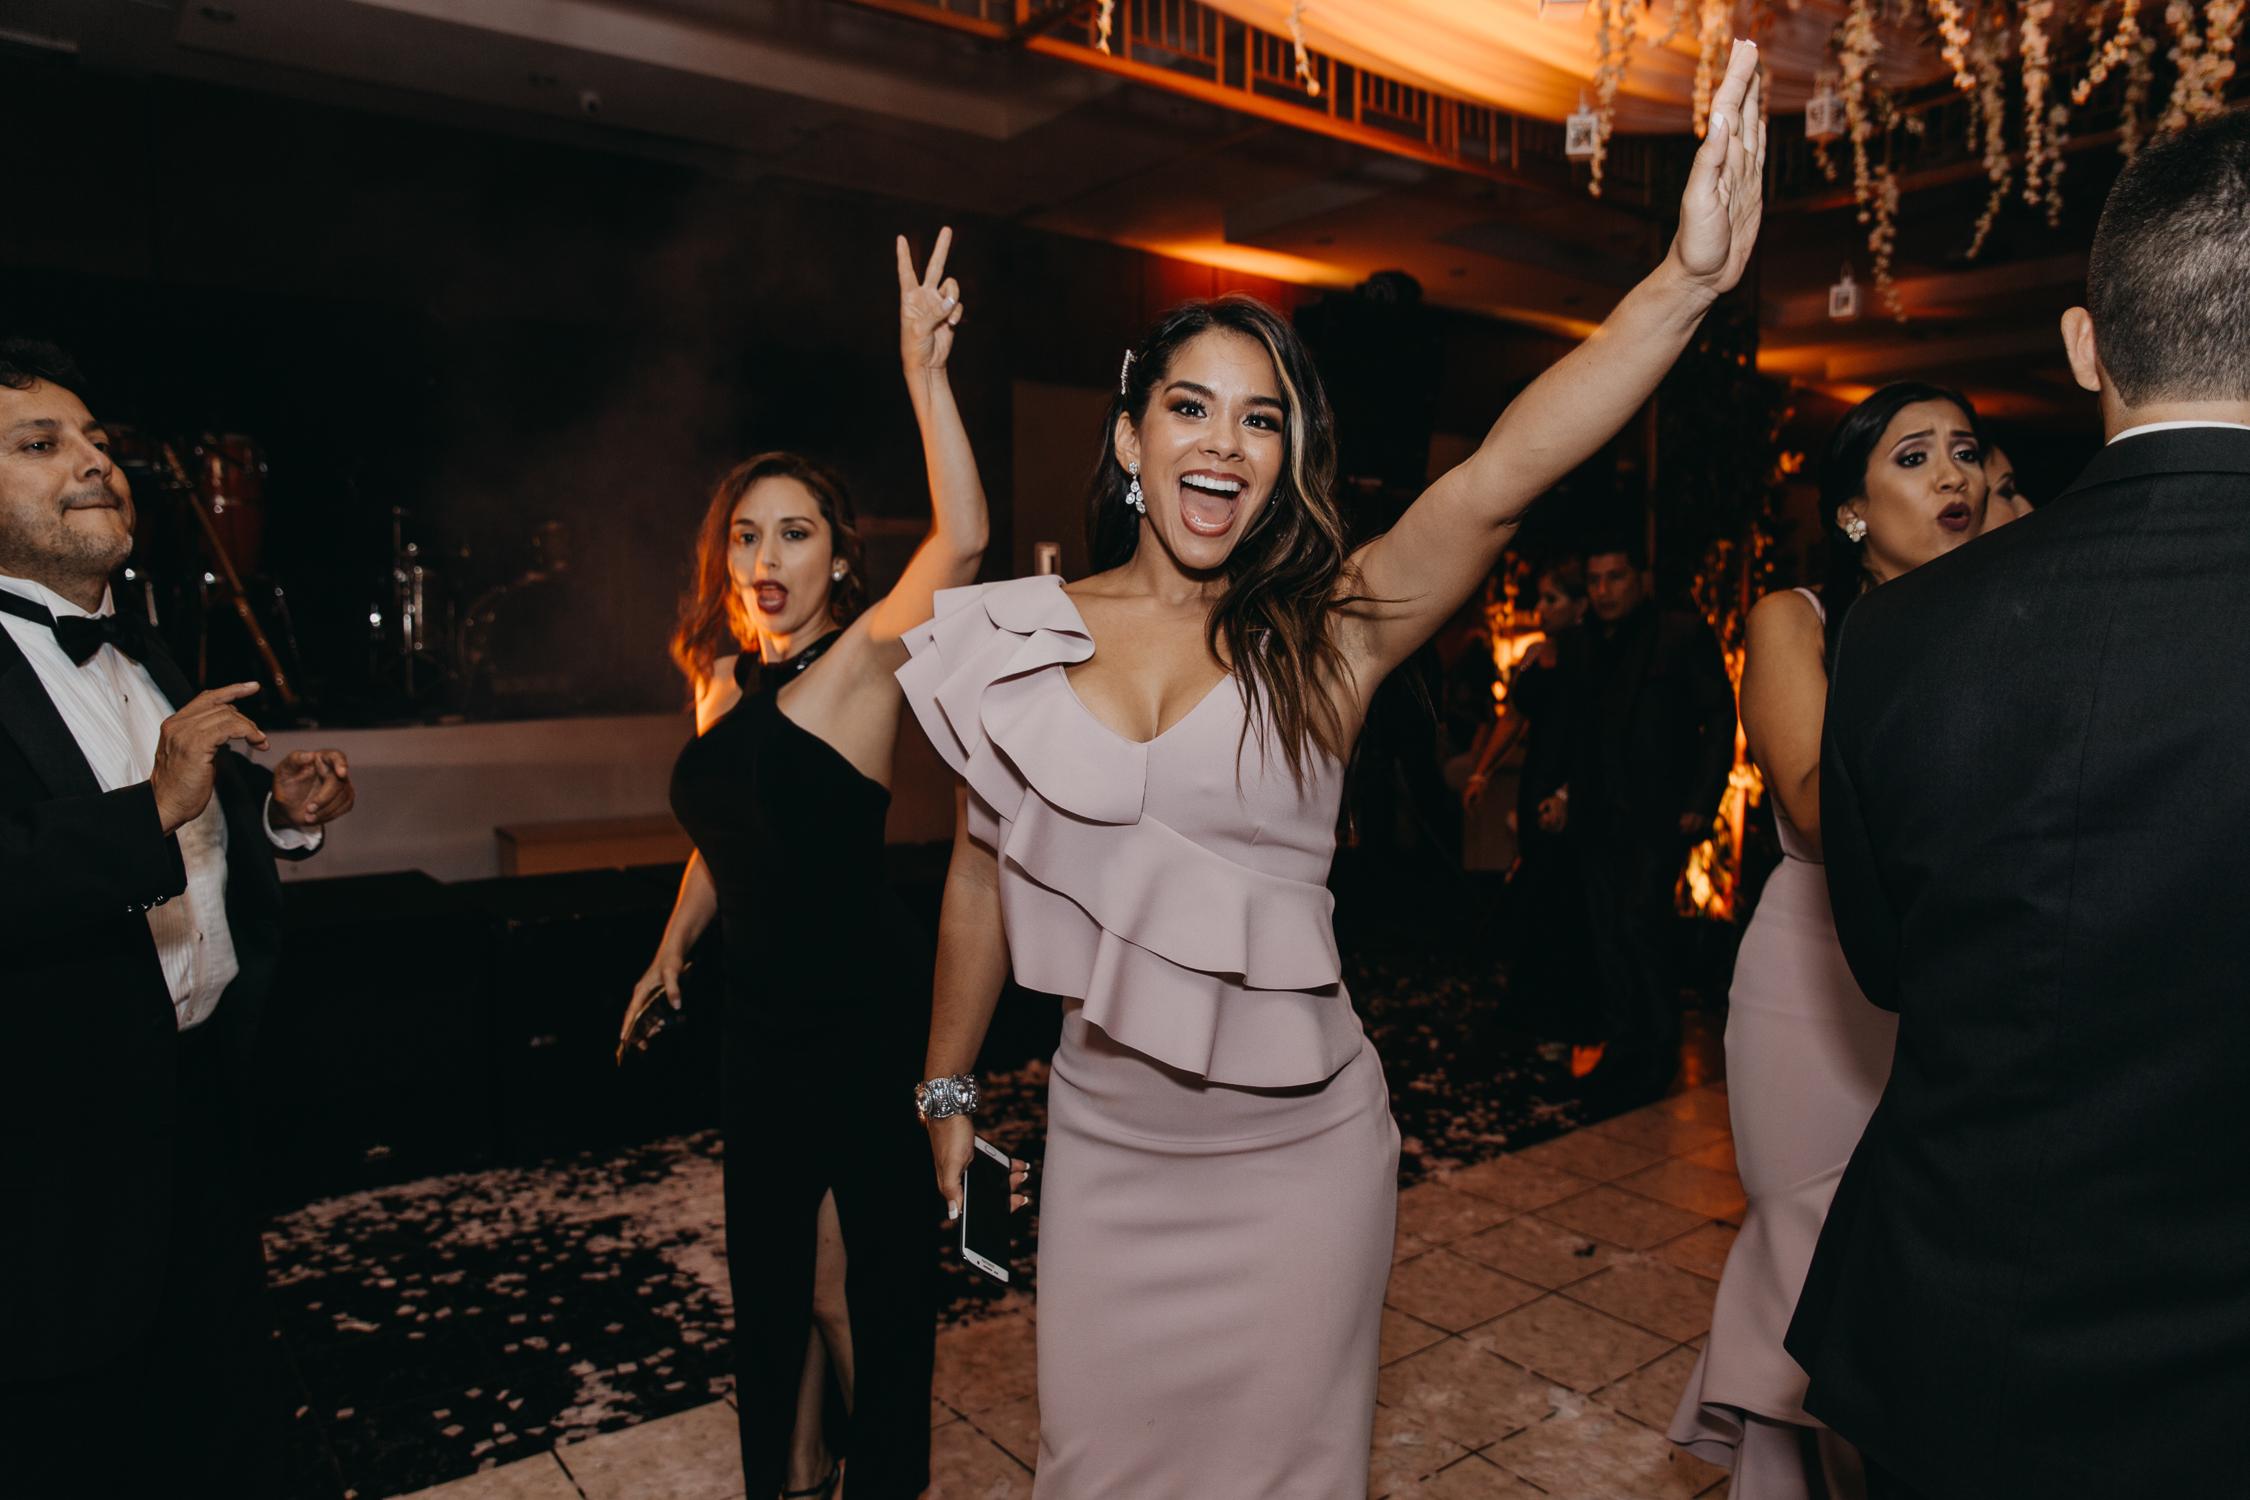 Michelle-Agurto-Fotografia-Bodas-Ecuador-Destination-Wedding-Photographer-Patricia-Guido-306.JPG